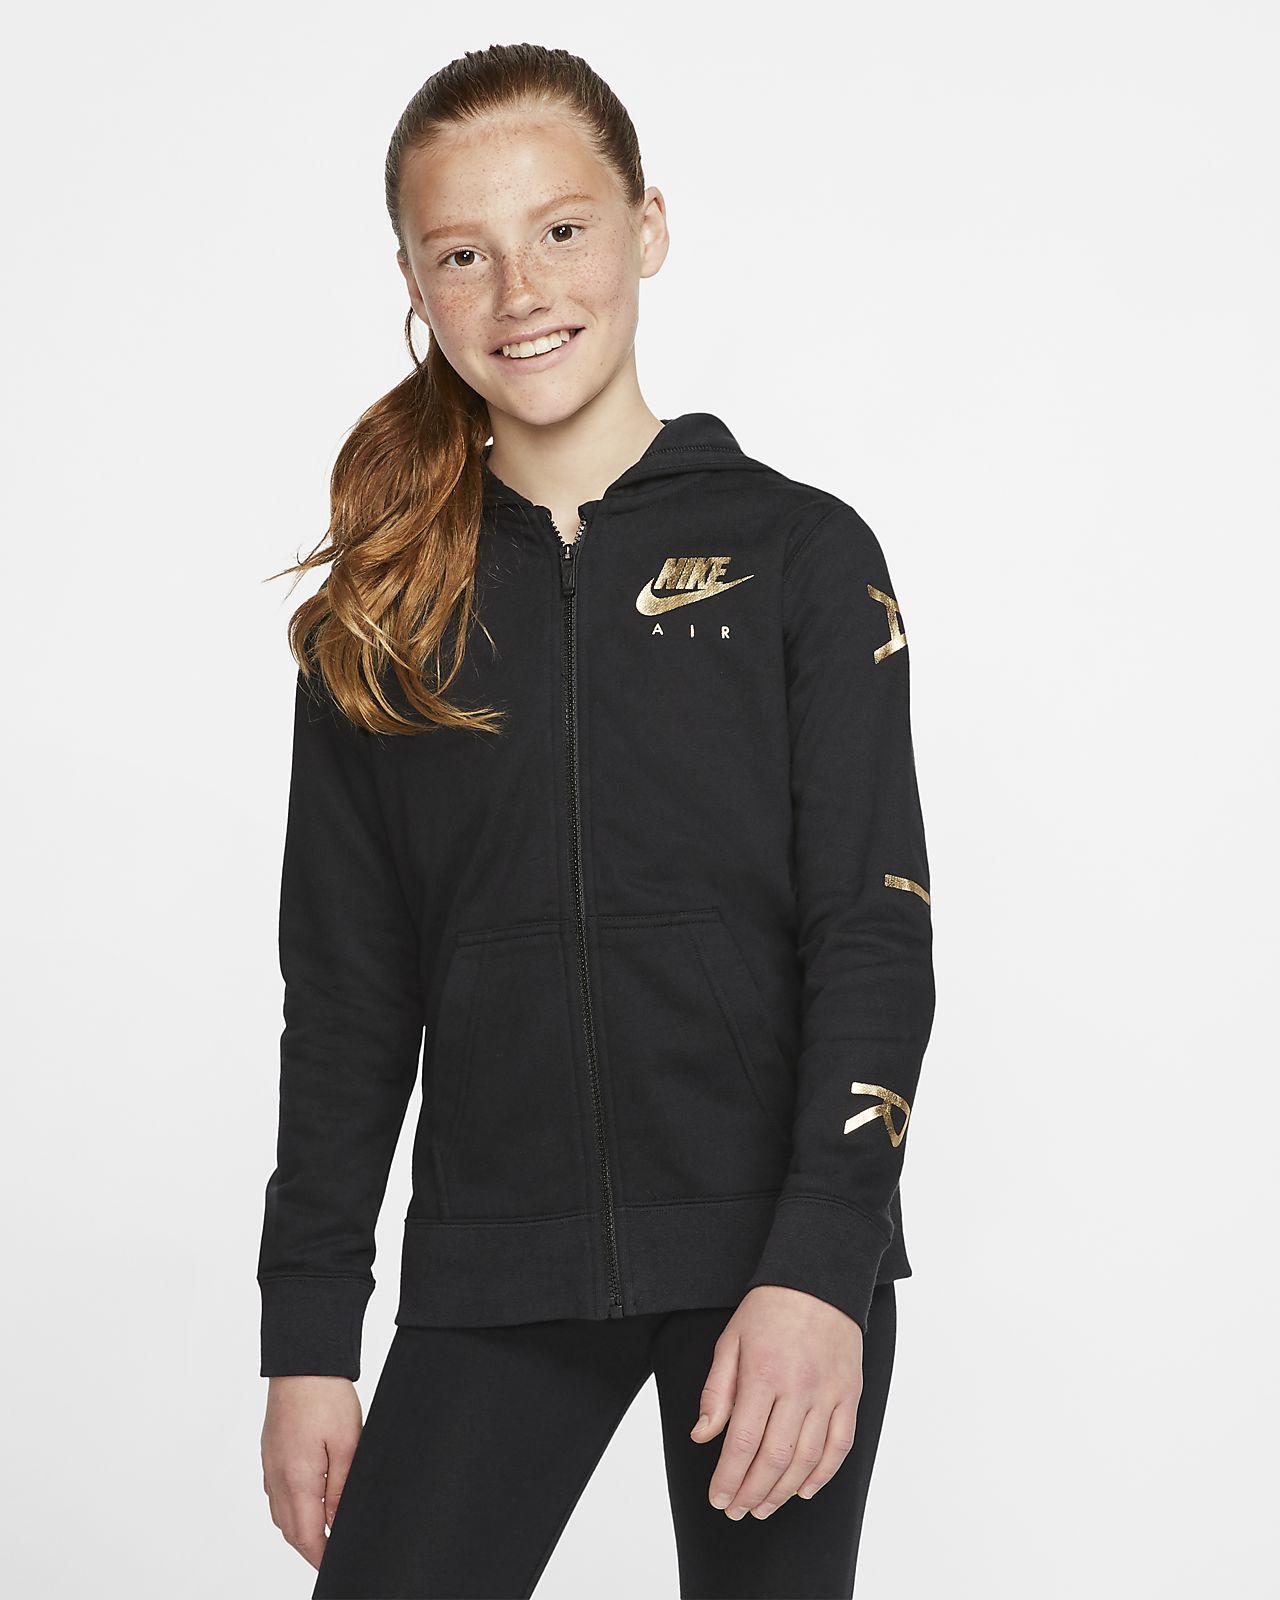 Флисовая худи с молнией во всю длину для девочек школьного возраста Nike Air